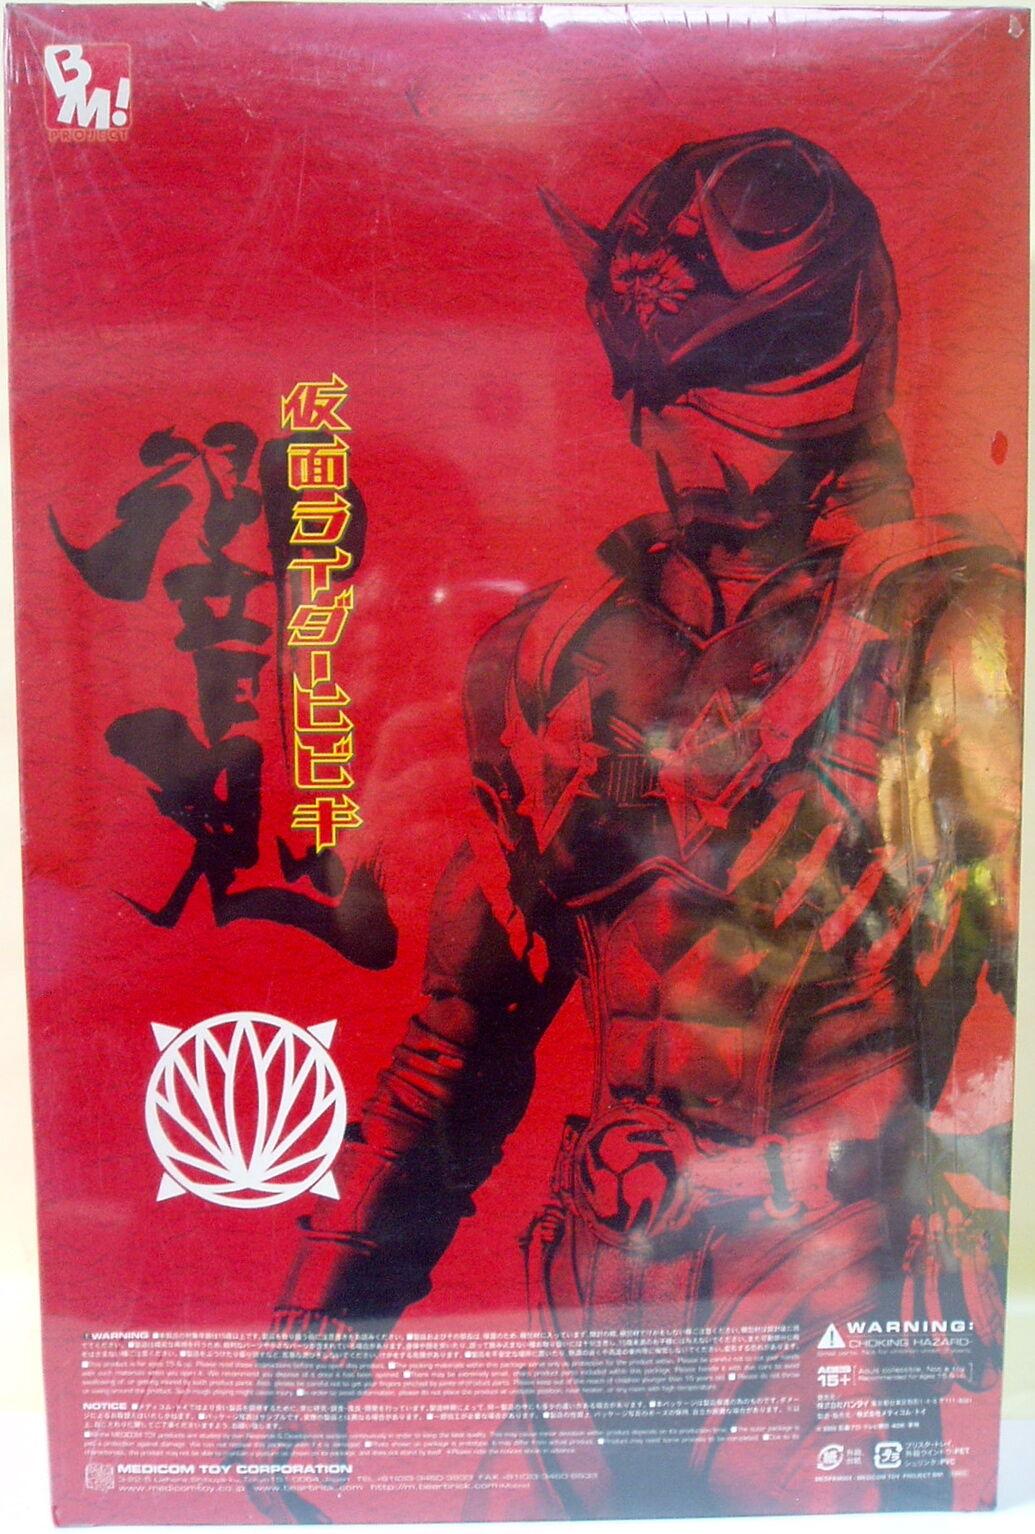 MASKED RIDER HIBIKI KURENAI 12  ACTION FIGURE MEDICOM & BANDAI 2007 TOKUSATSU